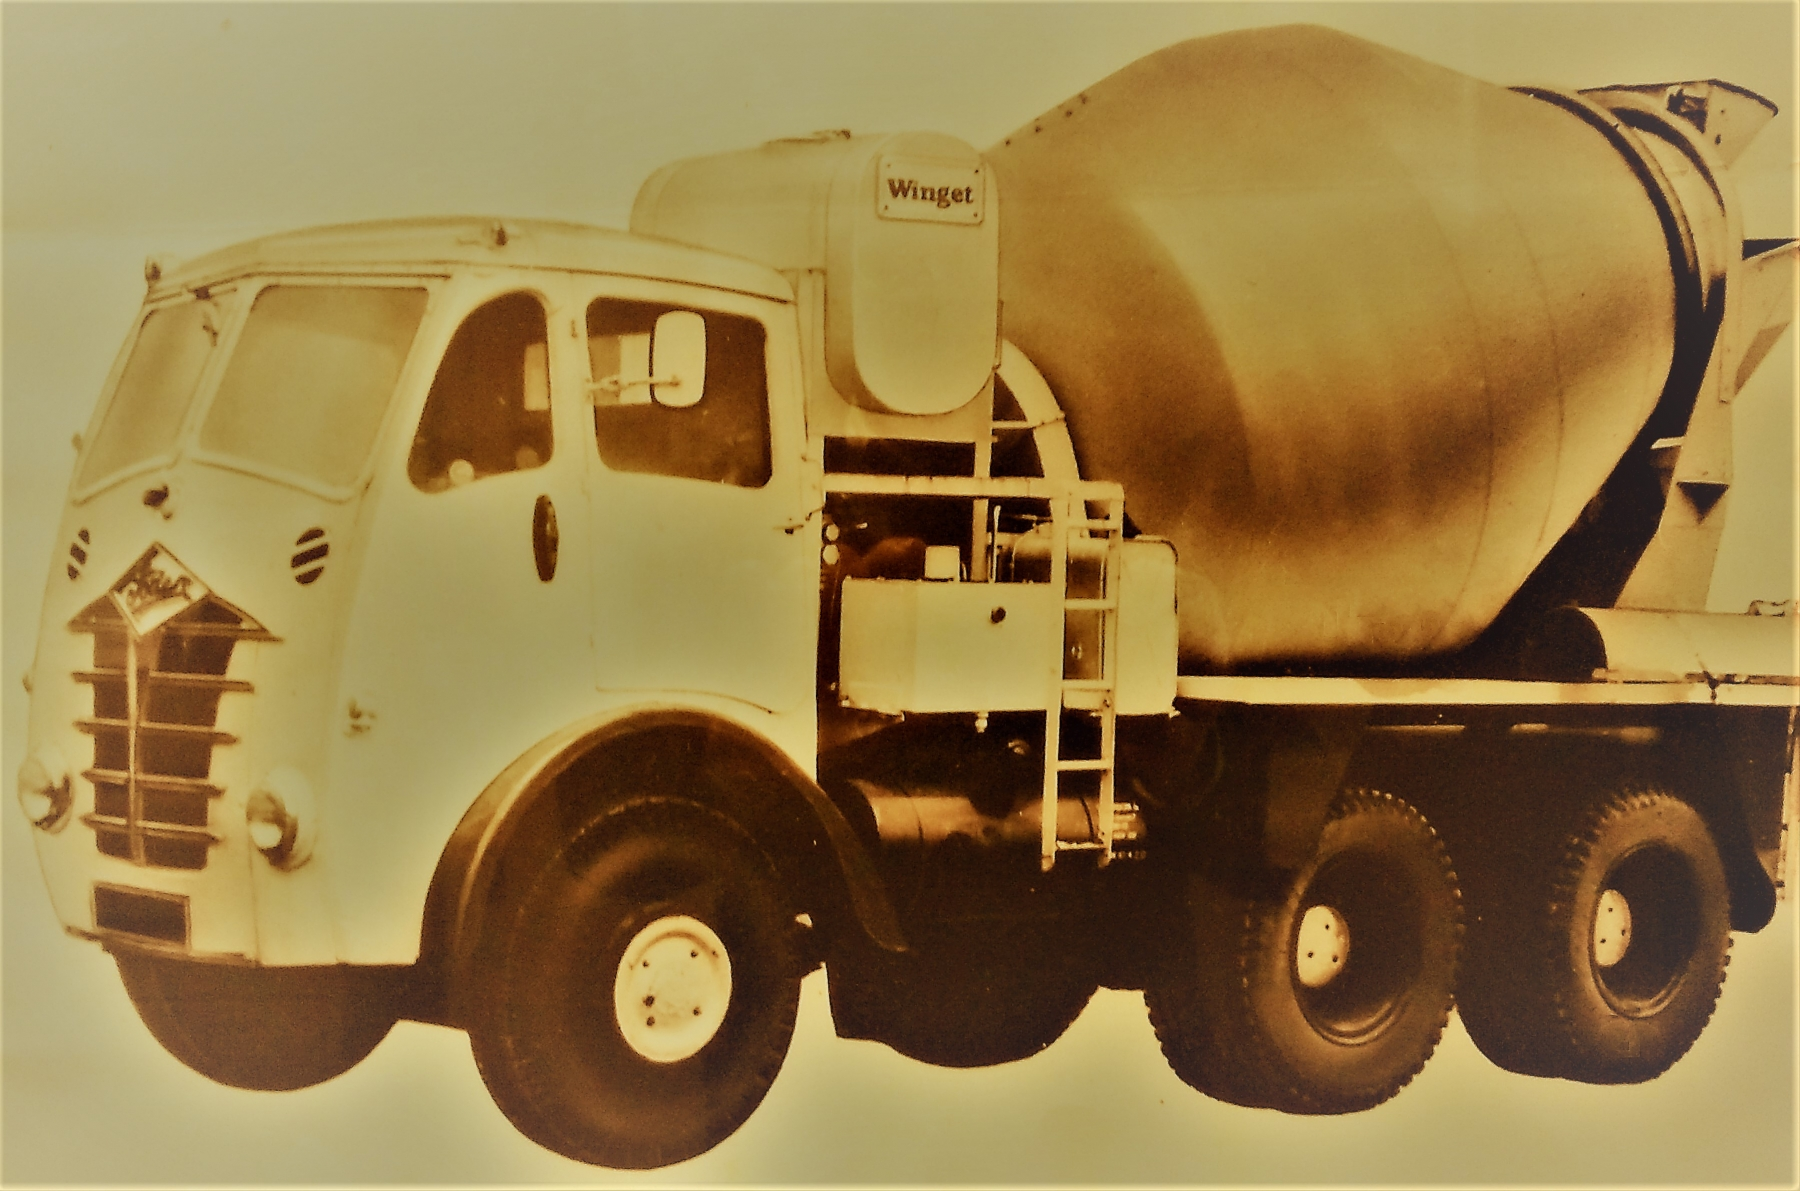 Foto-2 - Autobettoniera 1970